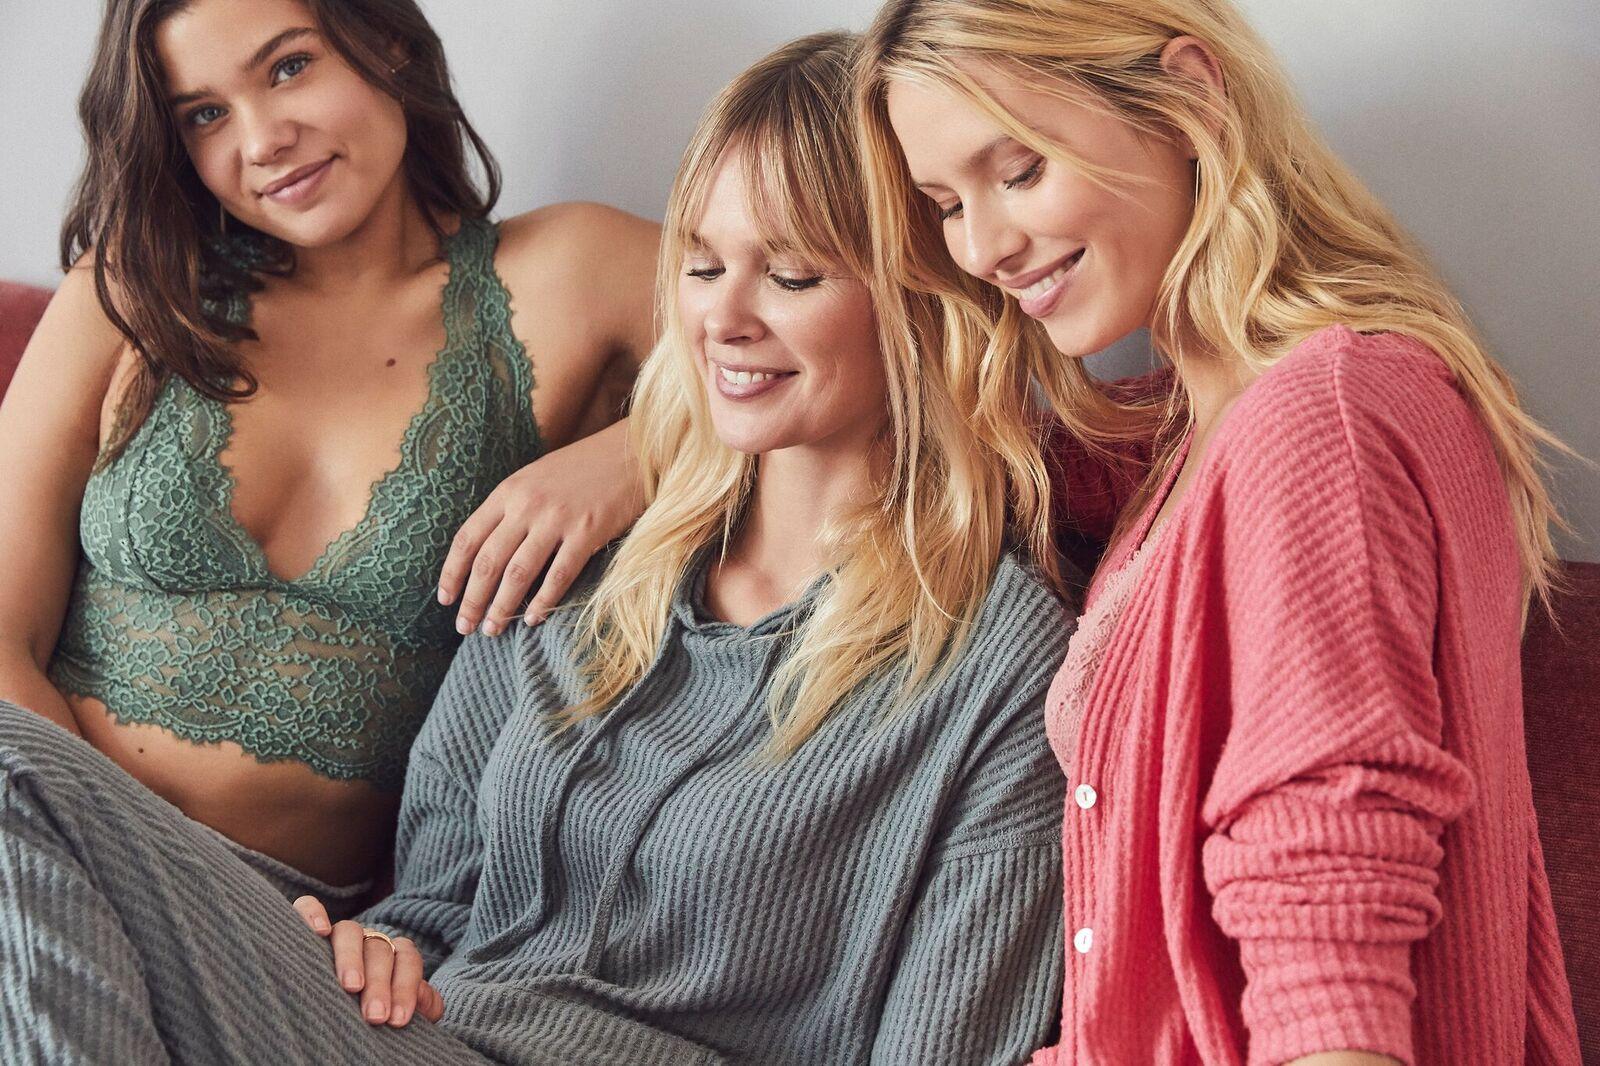 Women'secret весна 2019